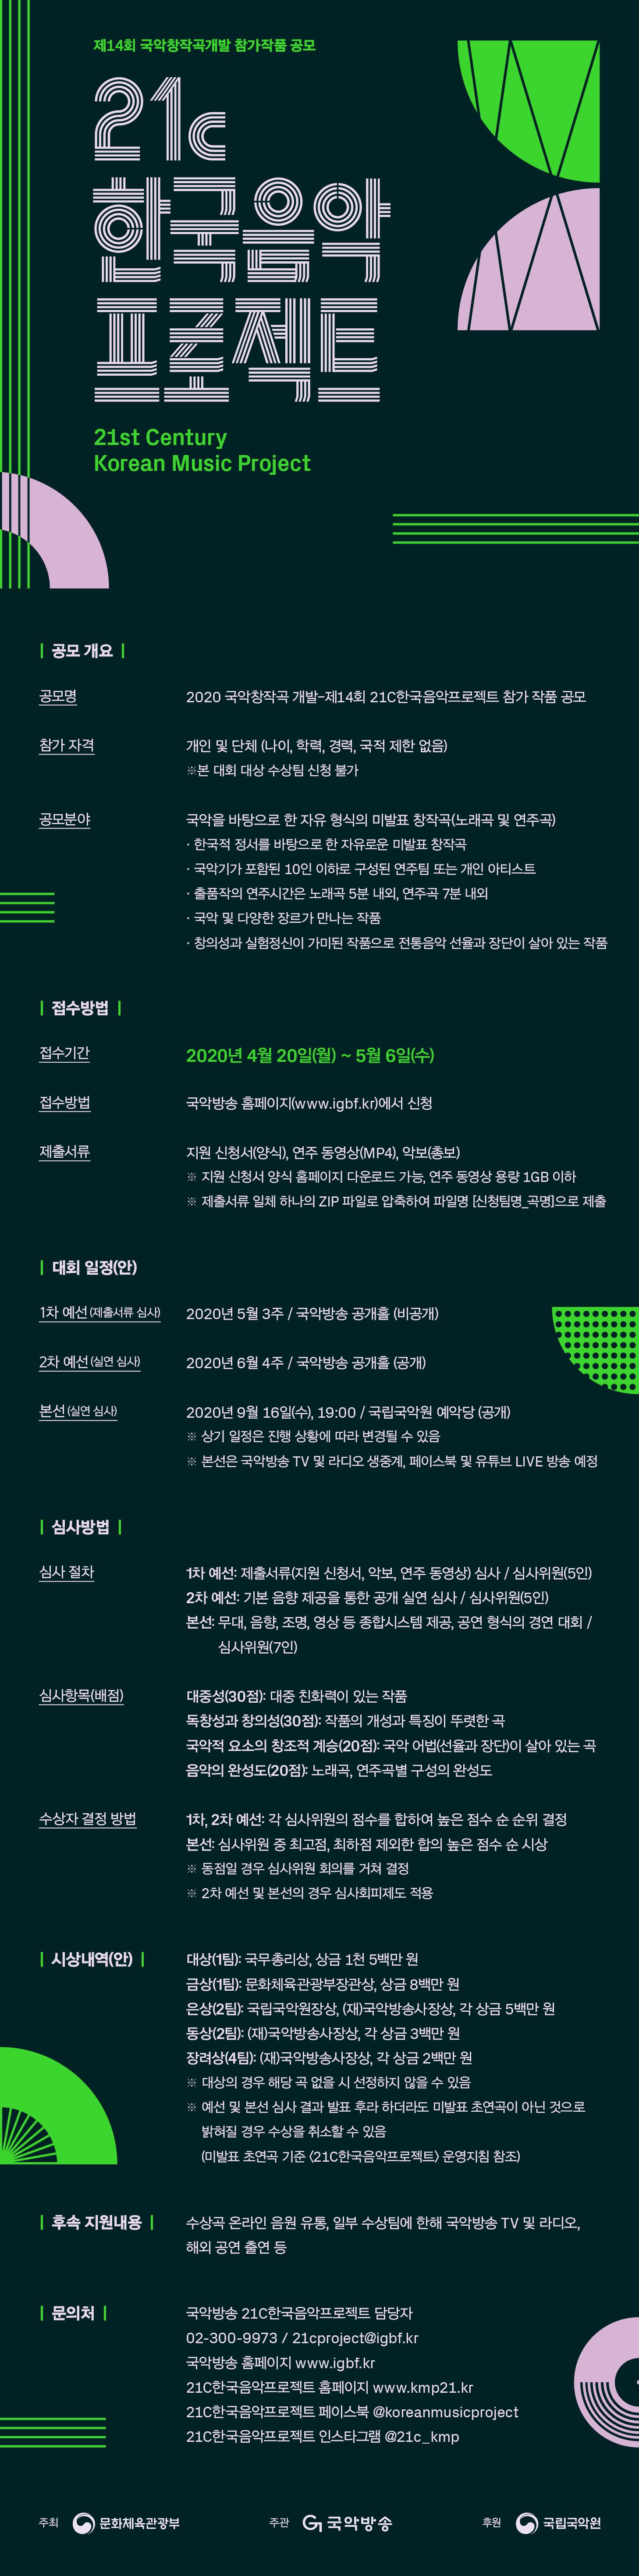 제14회 21C한국음악프로젝트 웹페이지_최종.jpg